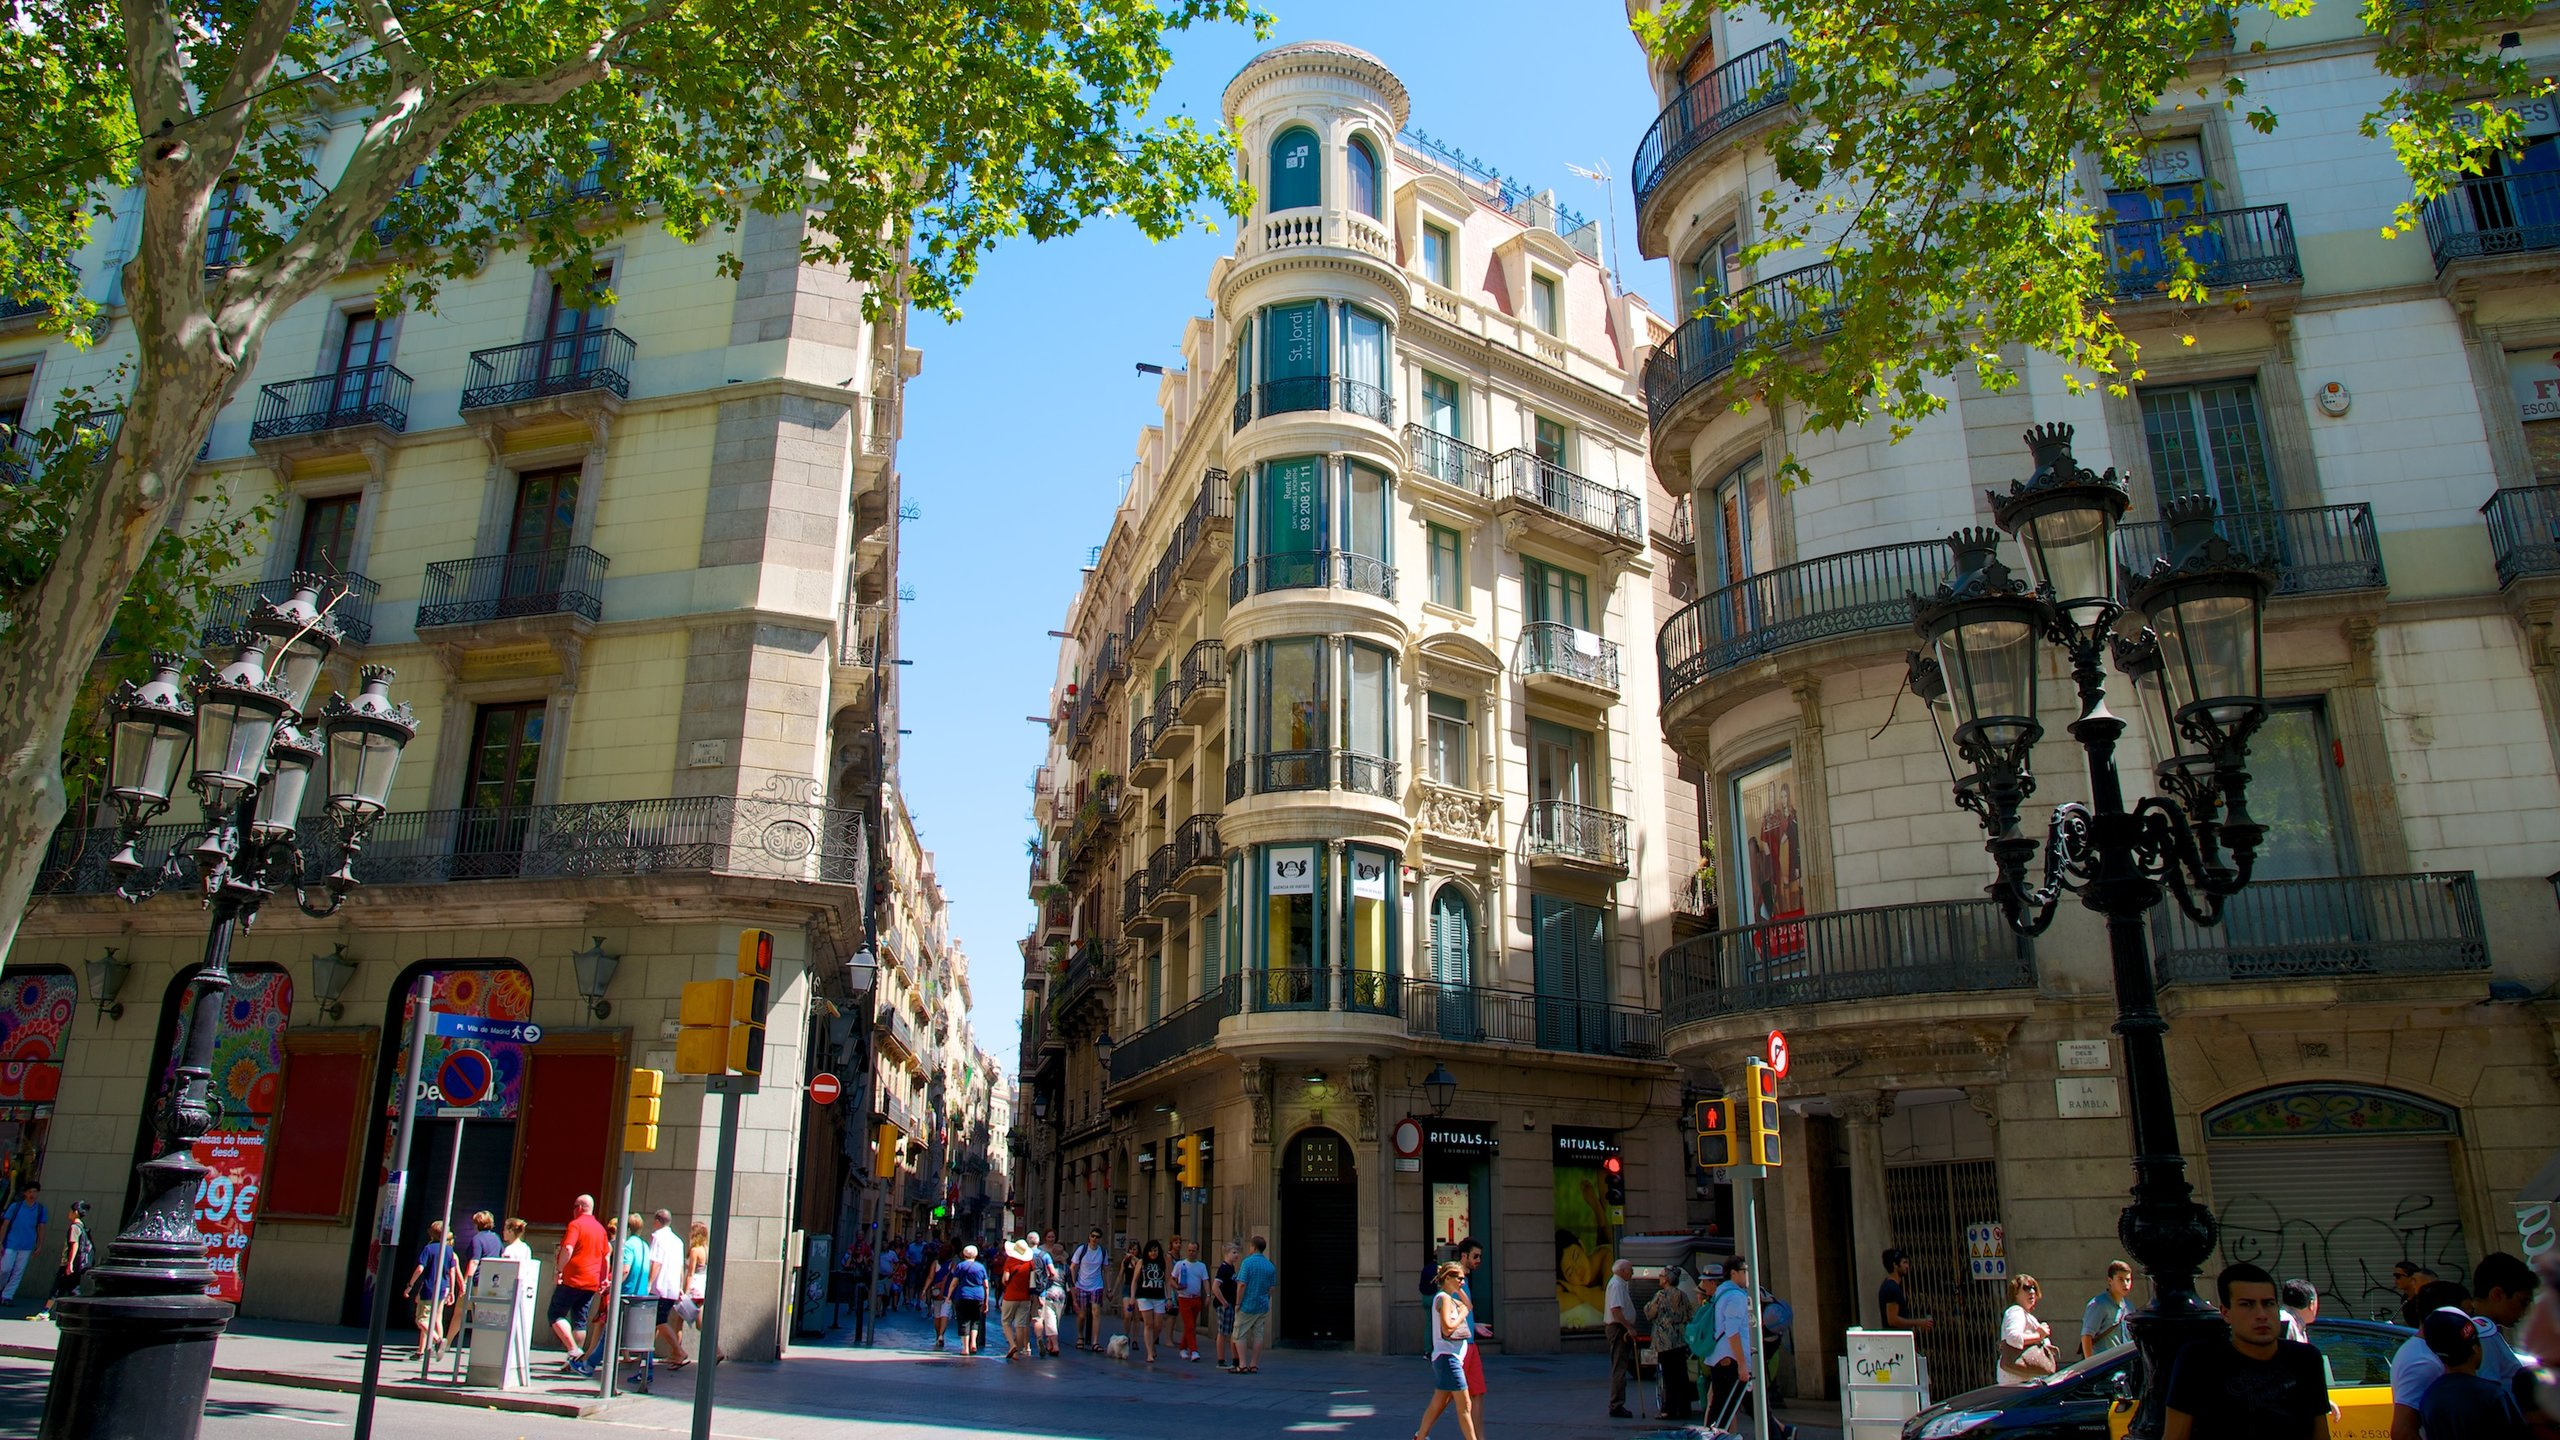 La Rambla, Barcellona, Spagna